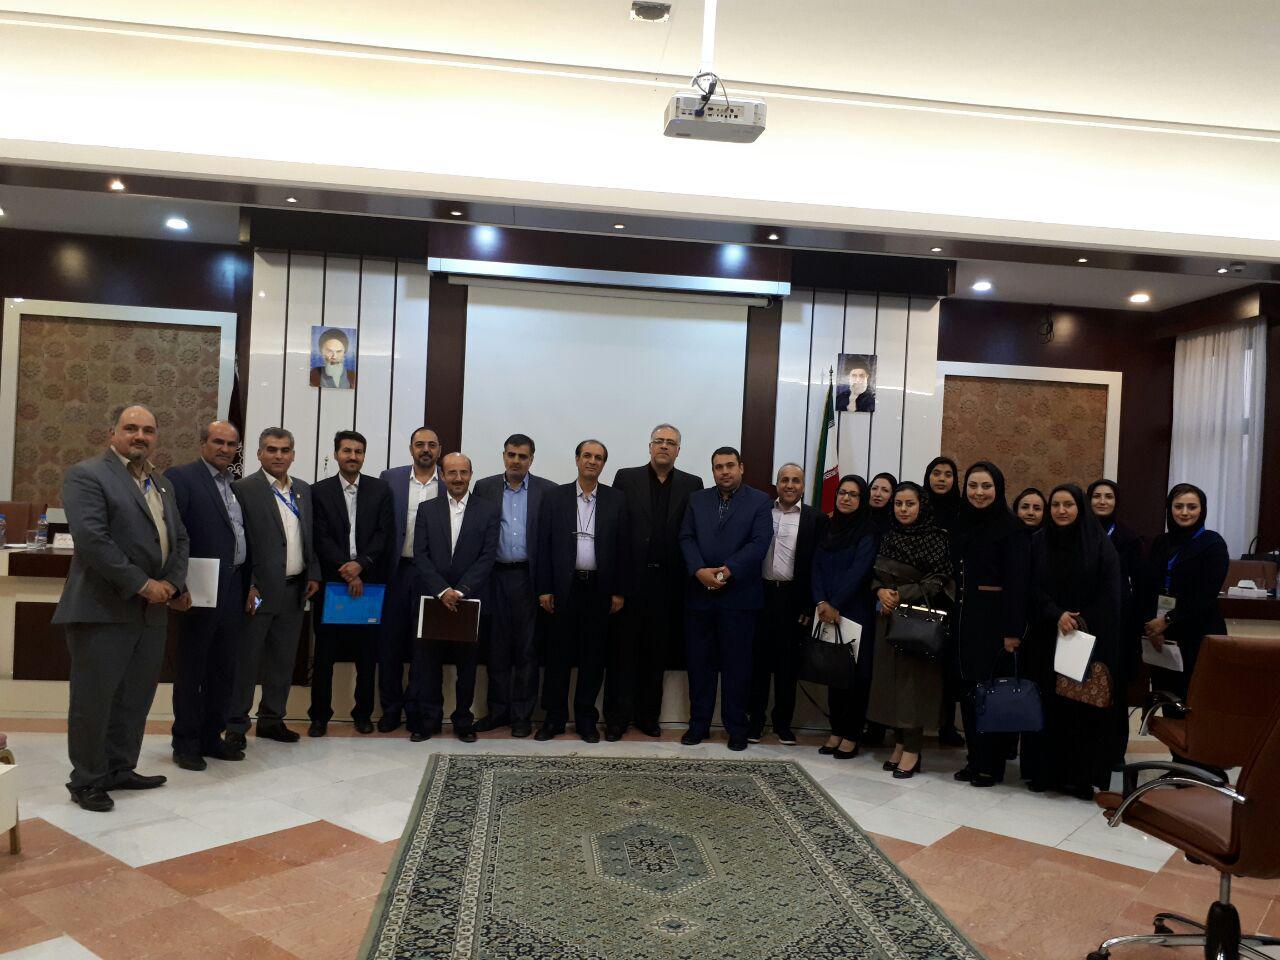 برگزاری سمینار آموزش پرستاری دستگاه های دیالیز  4008s Classic فرزنیوس در مشهد 31